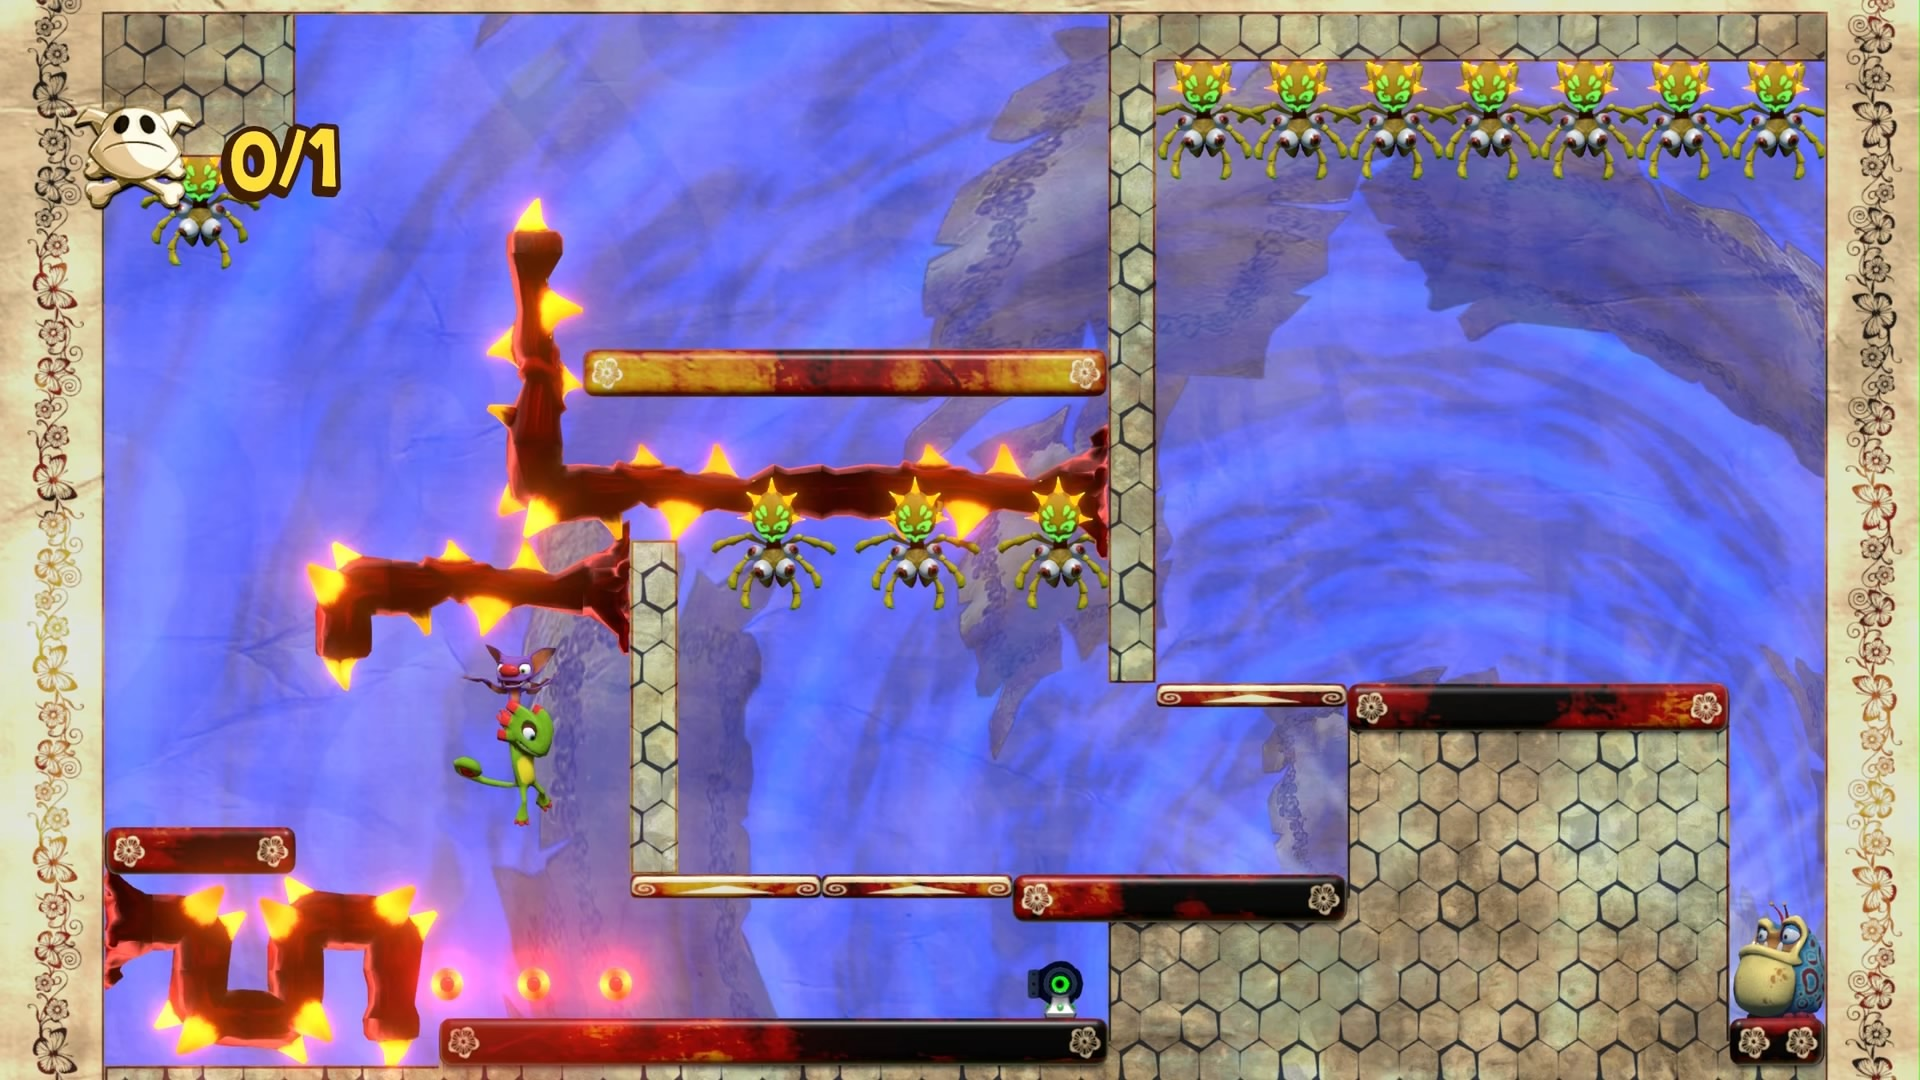 インポッシブル迷宮® 砂漠エリア-17